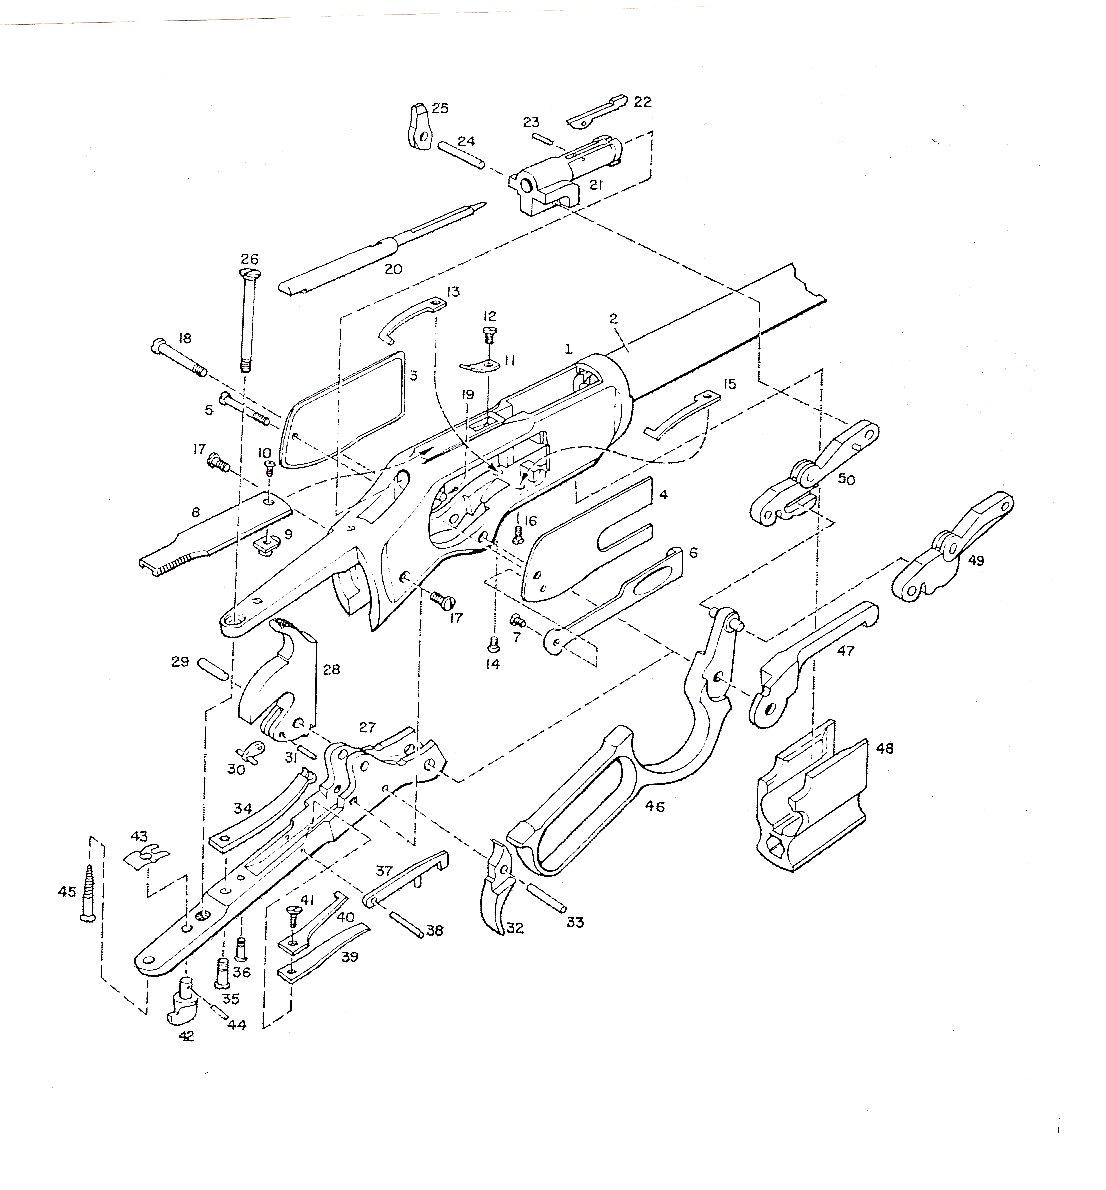 elevator schematic plans